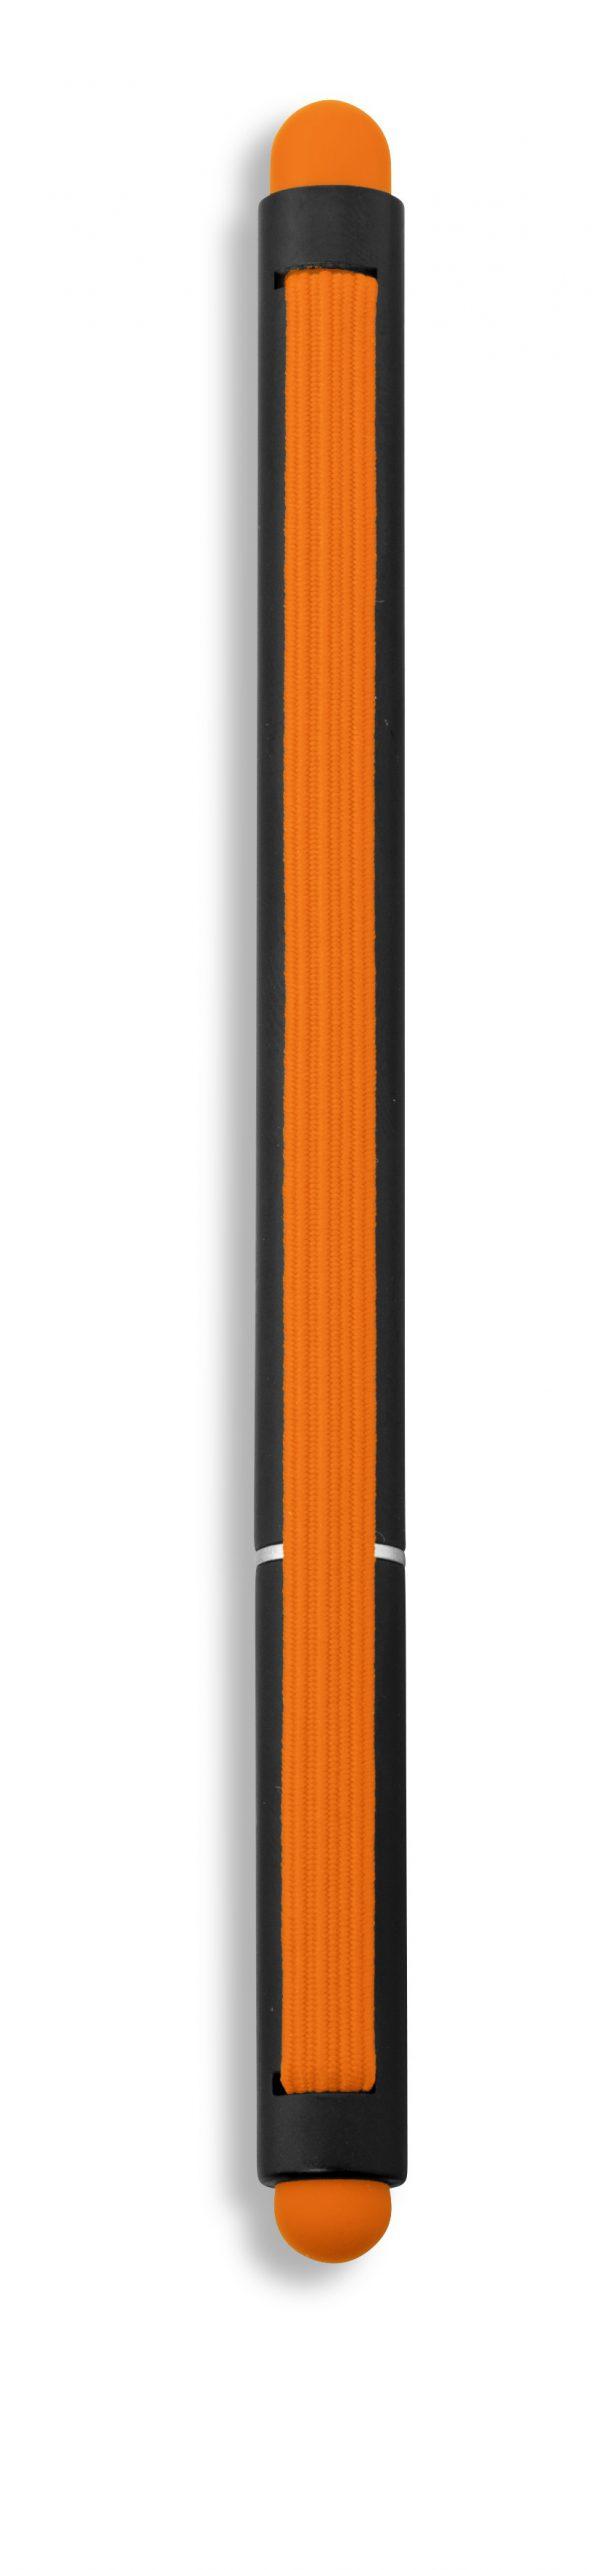 PEN-1840-O